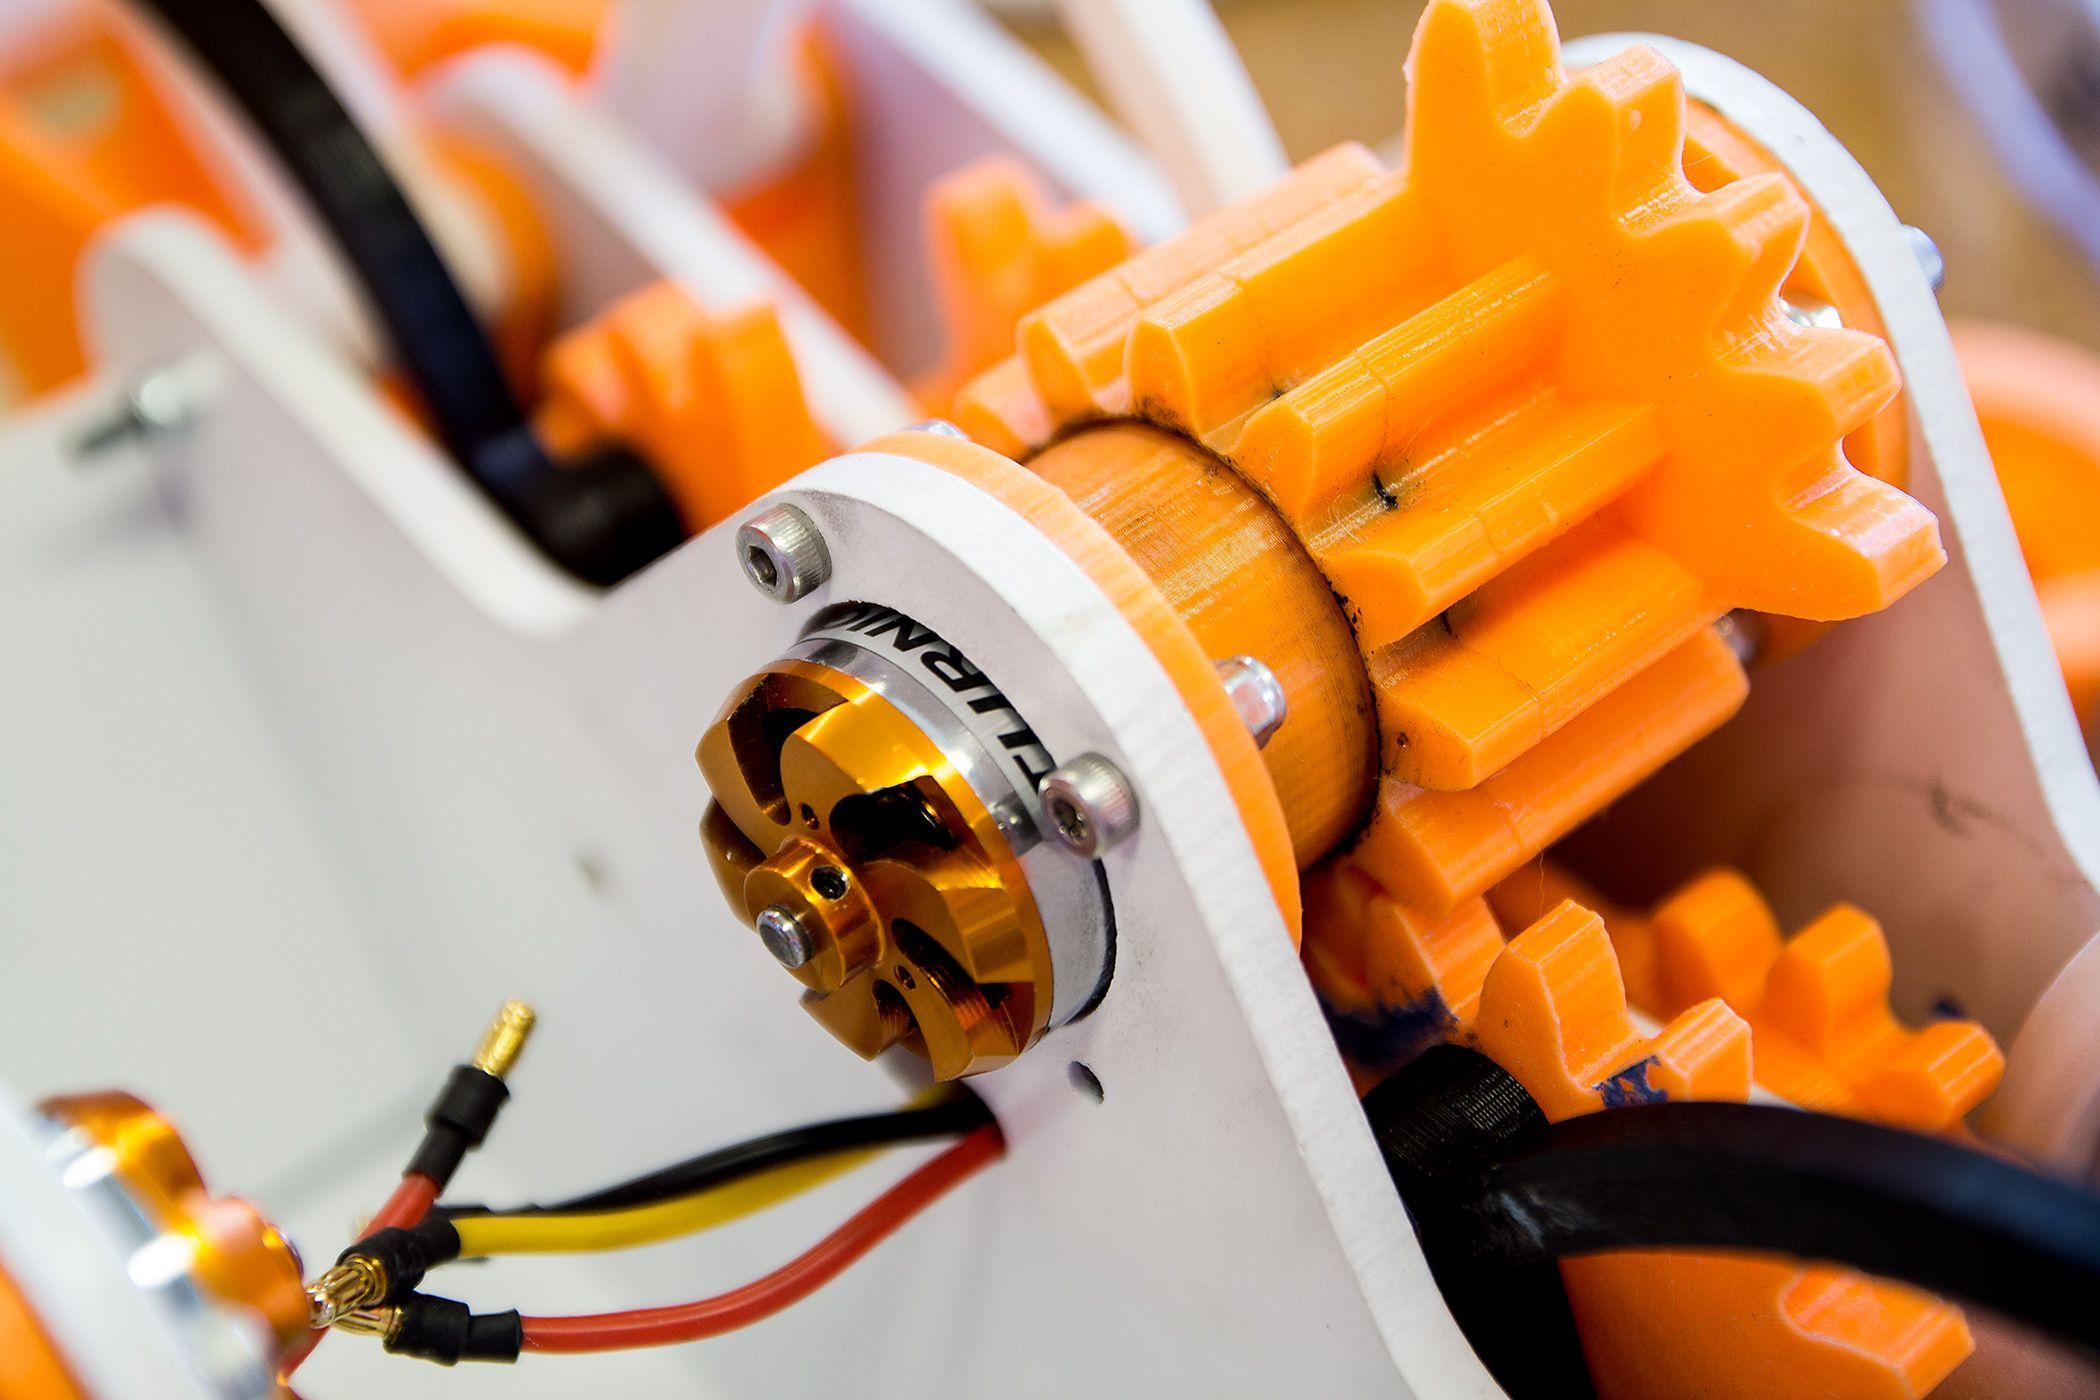 Kompliserte tannhjul, skrevet ut og utstyrt med en liten elektromotor, gjør at denne roboten kan bevege seg på egen hånd.Foto: Varg Aamo, Hardware.no